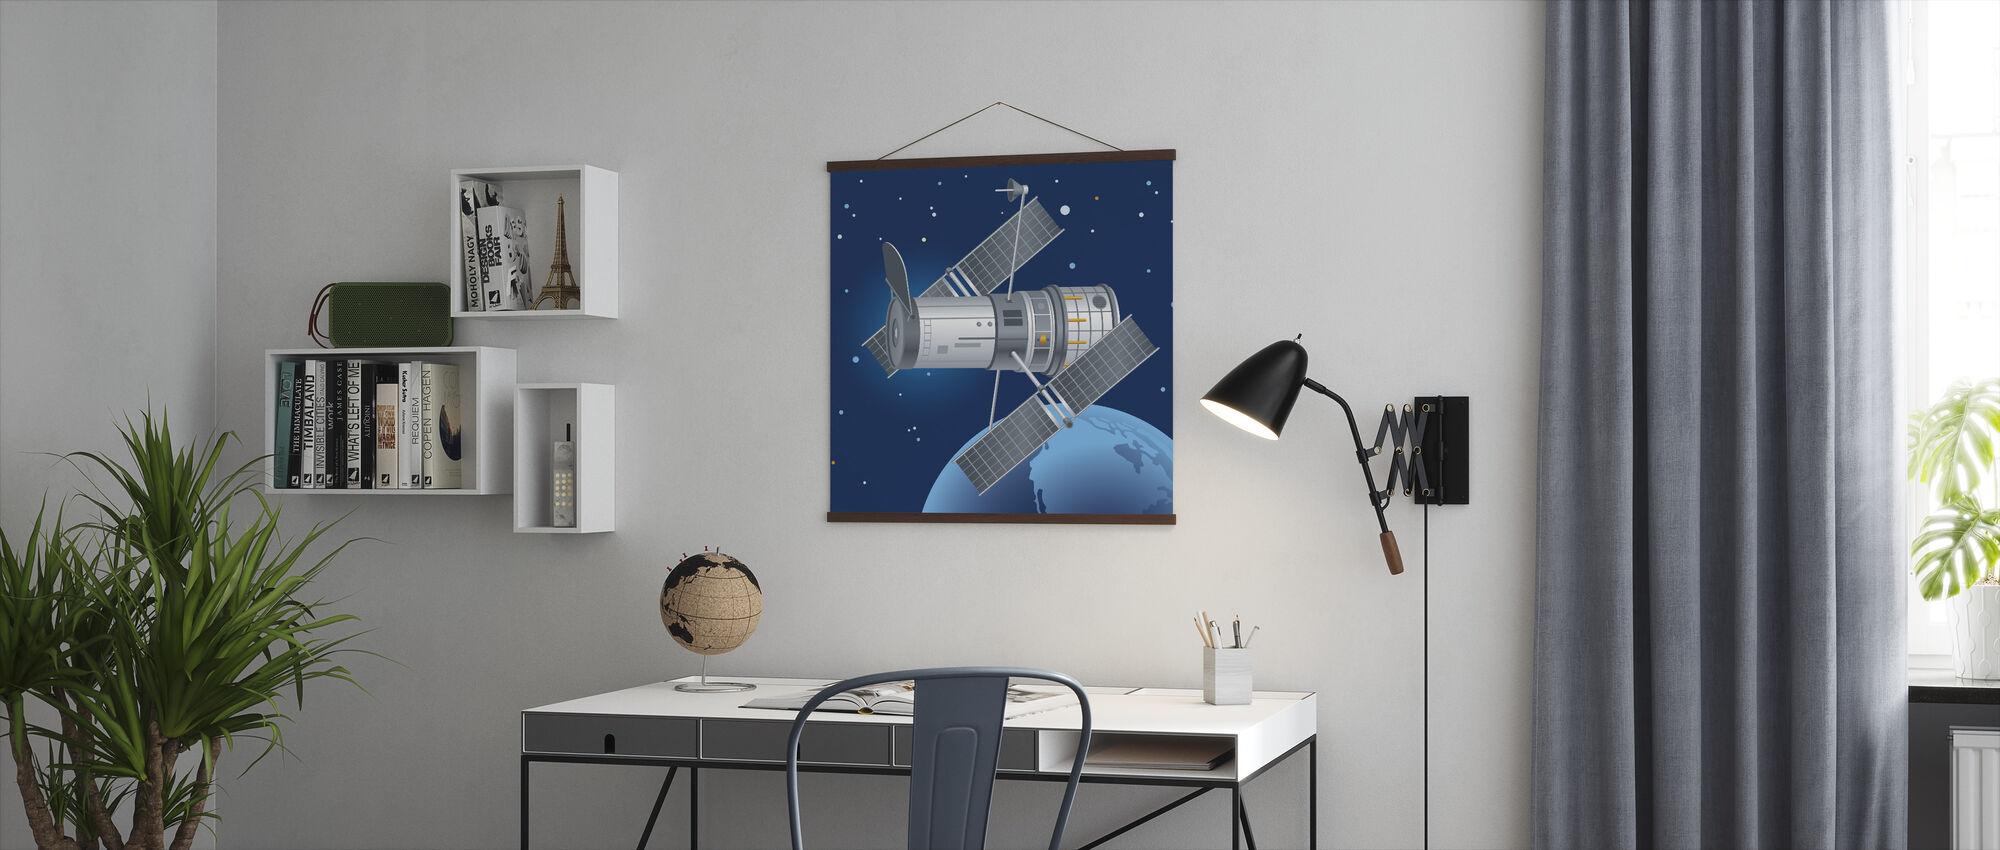 Hubble teleskop - Plakat - Kontor